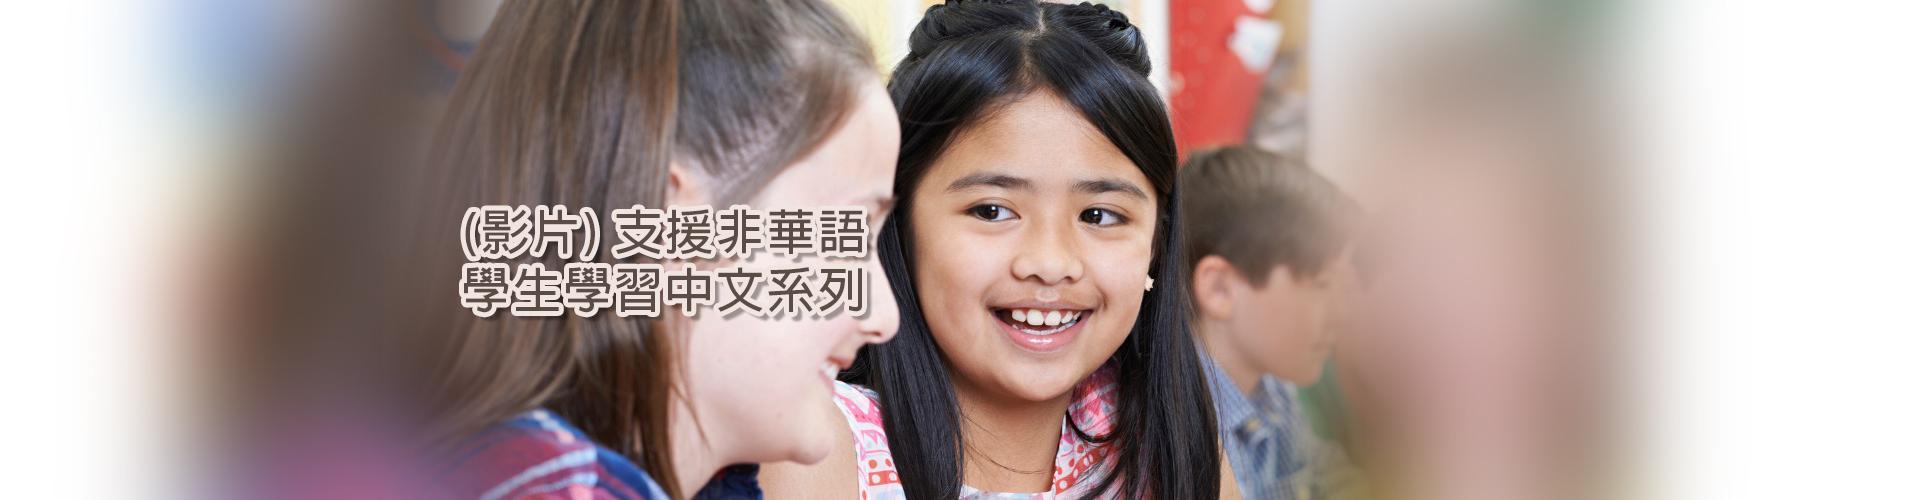 支援非華語學生學習中文系列